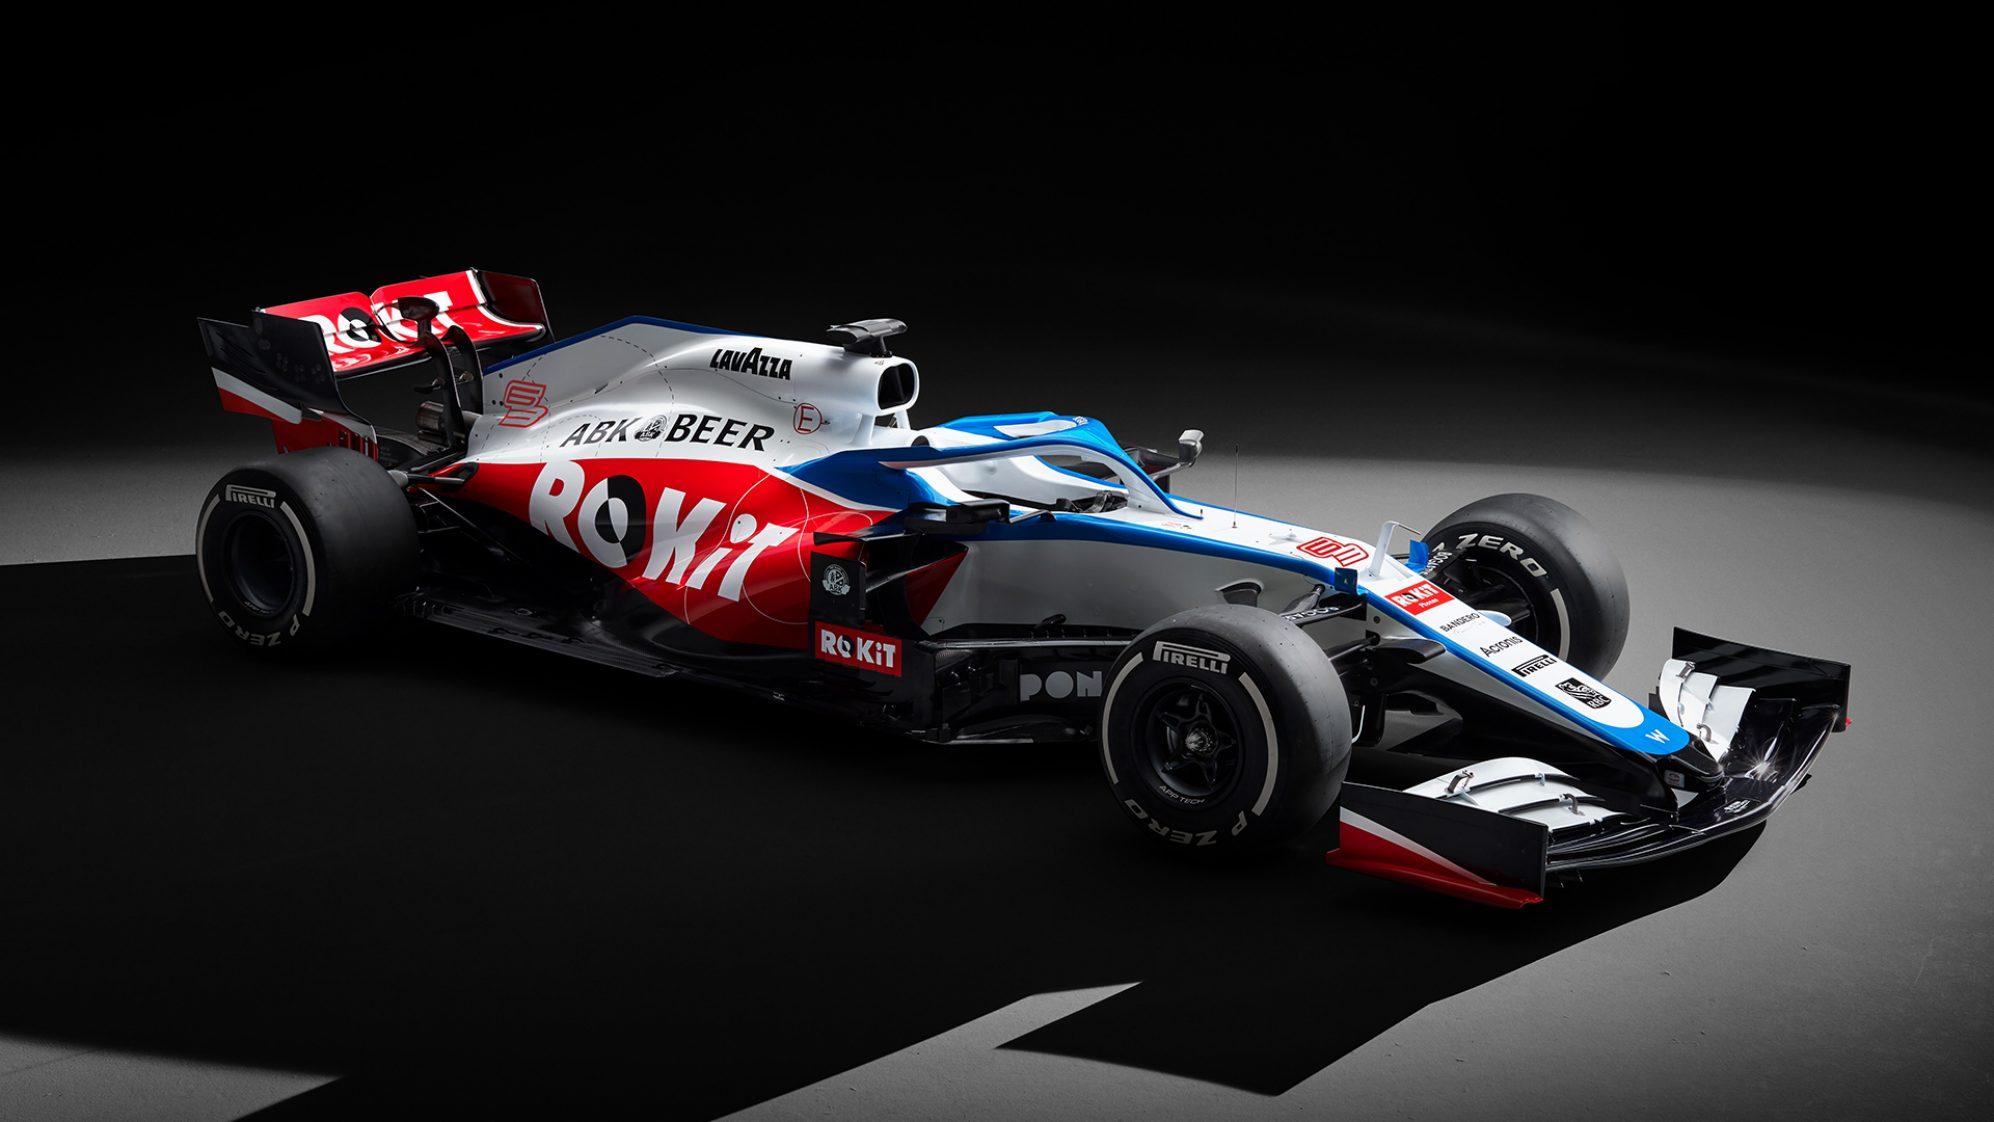 سيارة فريق ويليامز 2020